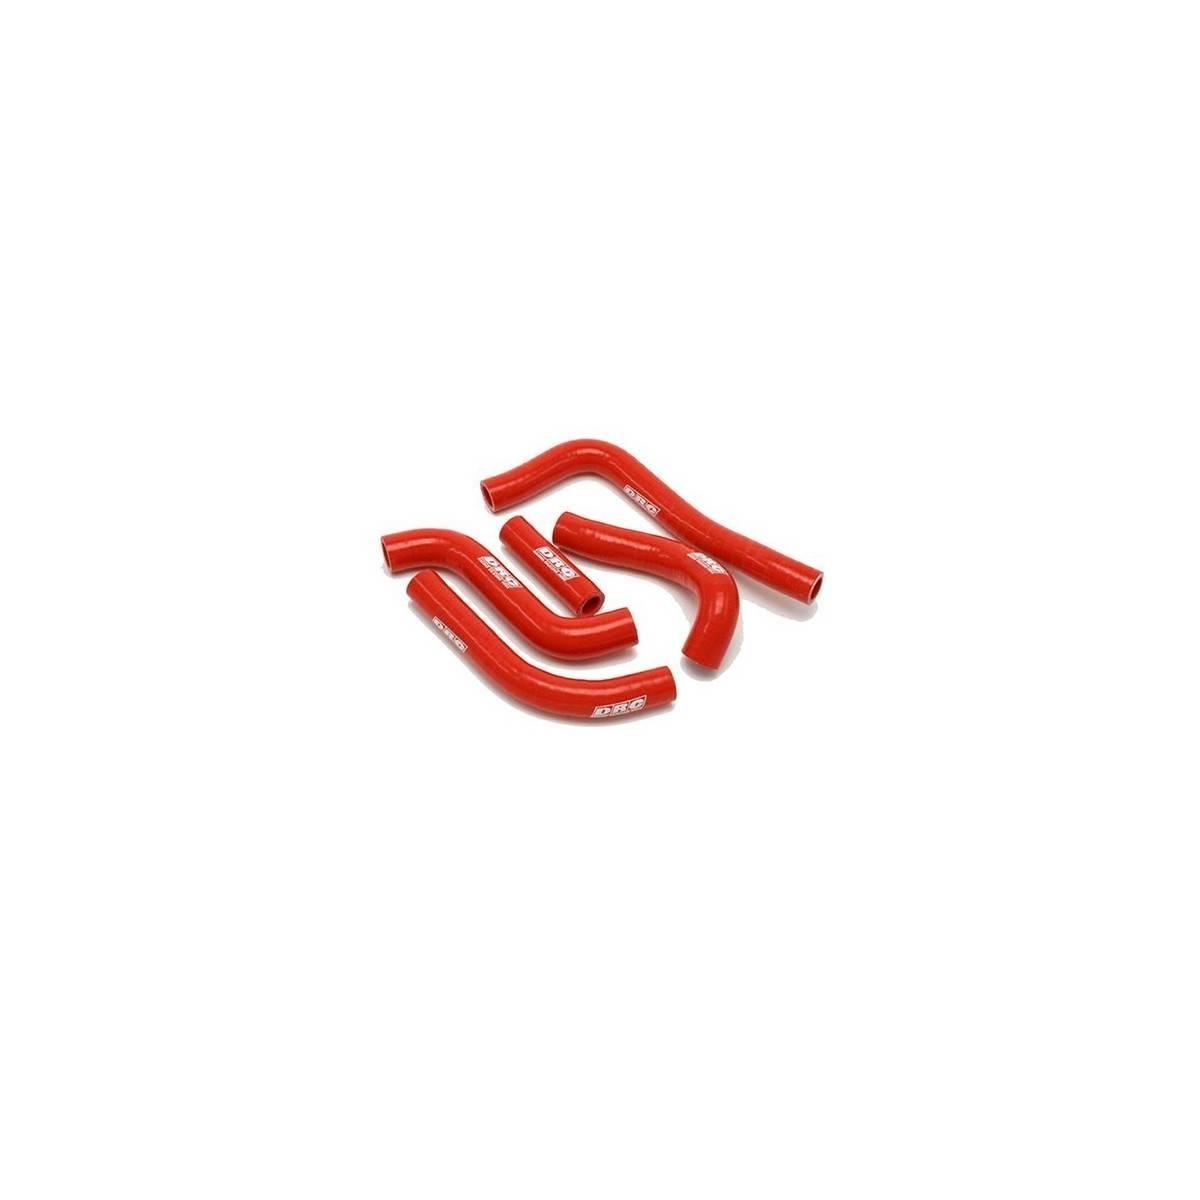 D47.01.473 - Kit Manguitos Radiador Suzuki Rmz250´13 Rojo